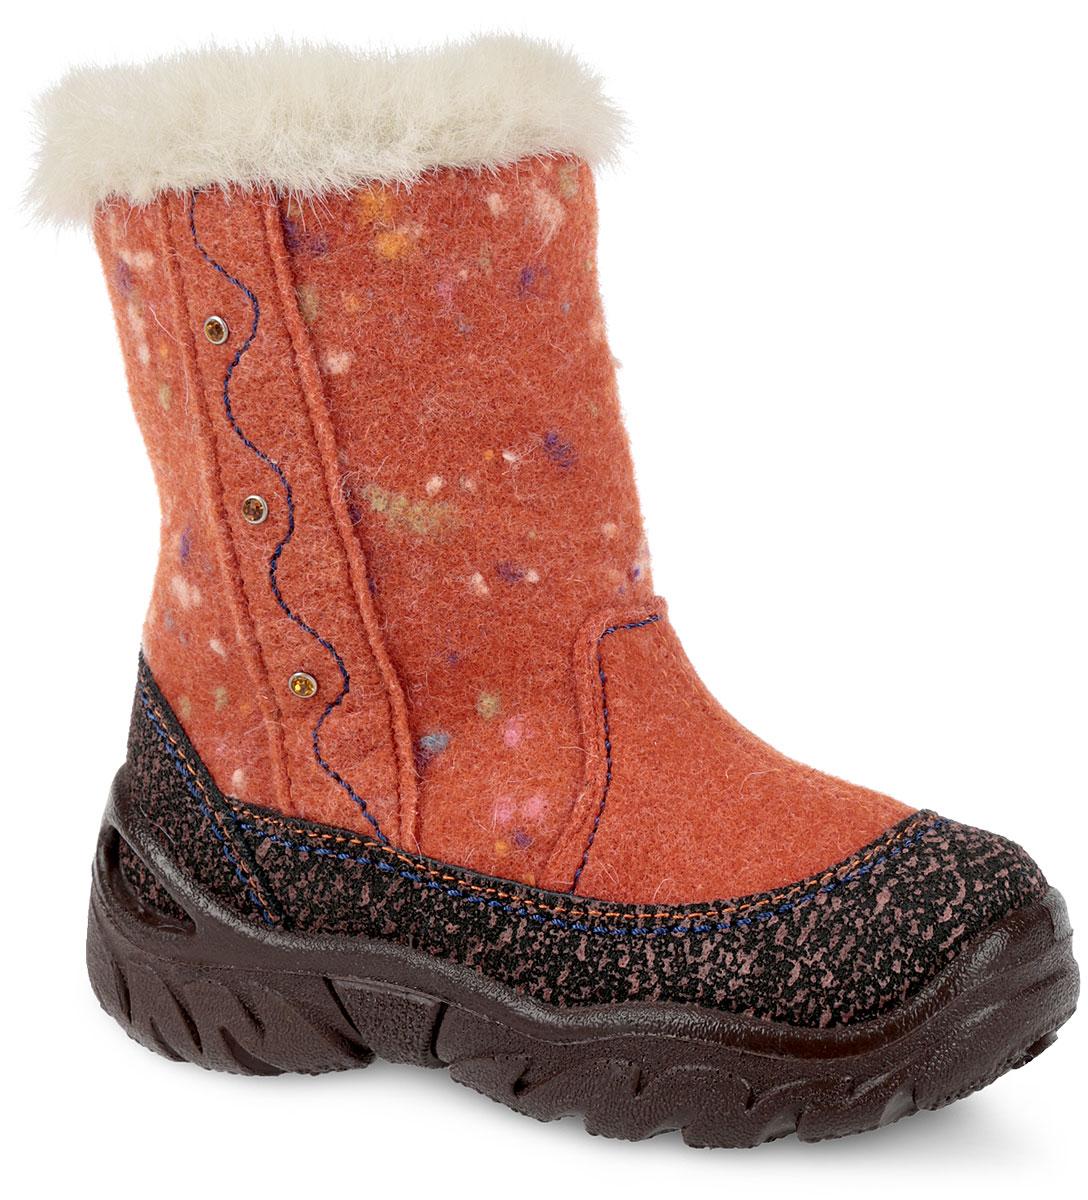 367039-43Модные и невероятно теплые валенки от Котофей согреют ножки вашей дочурки в лютые морозы! Модель выполнена из войлока и оформлена оригинальным узором, сбоку - волнообразной прострочкой и стразами в металлической оправе. Верх изделия дополнен оторочкой из искусственного меха. Застежка-молния позволяет регулировать объем голенища. Подкладка из натуральной овечьей шерсти и вкладная стелька из войлока создают надежную теплозащиту. Защитные накладки вдоль подошвы обеспечивают непромокаемость и защиту от истирания. Протектор на подошве гарантирует идеальное сцепление на любой поверхности. Удобные и теплые валенки - необходимая вещь в гардеробе каждого ребенка.